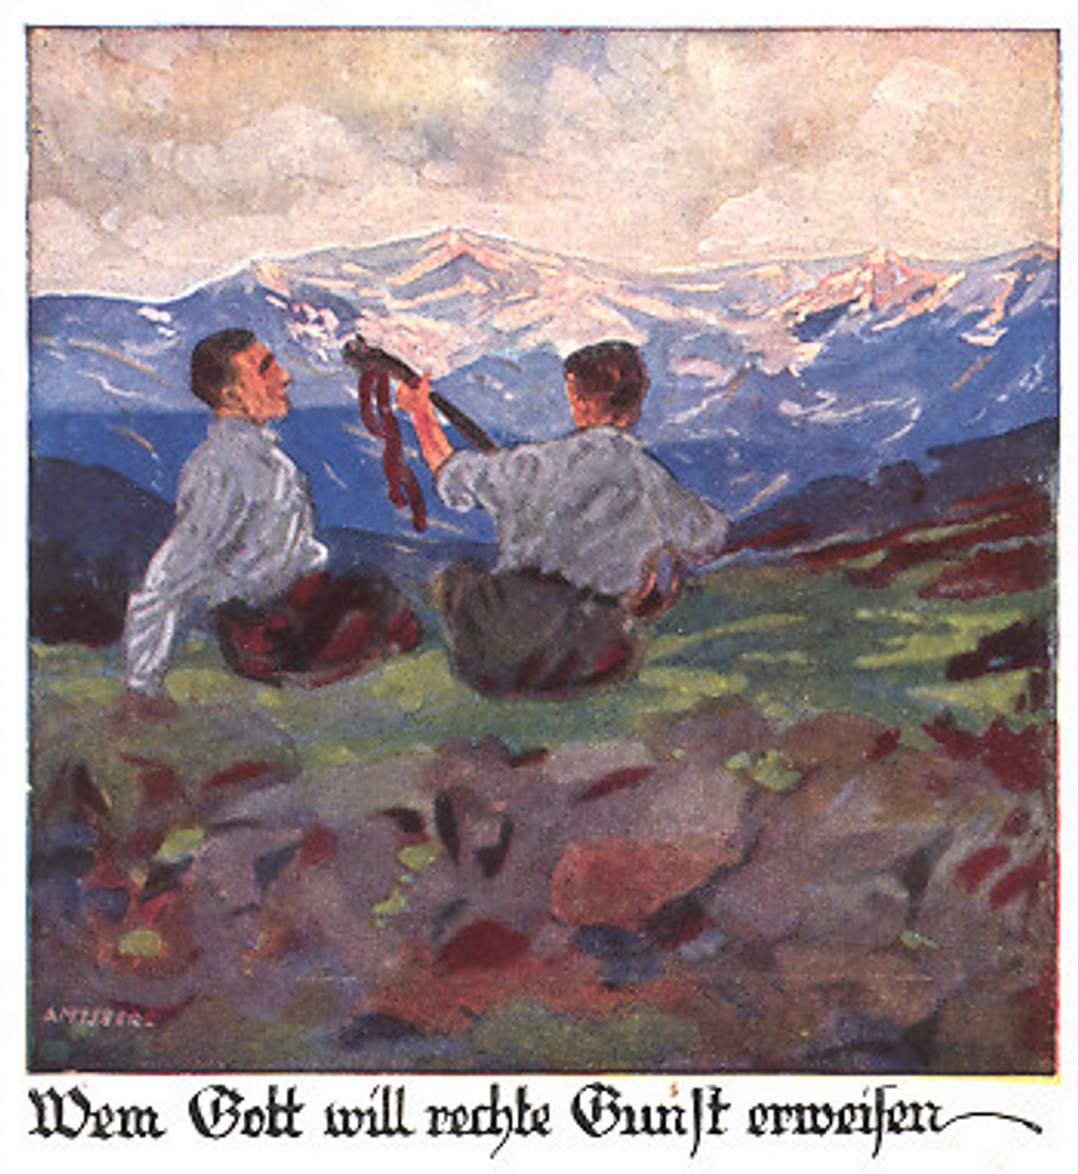 Otto-Amtsberg-Épisode de la vie d'un fainéant